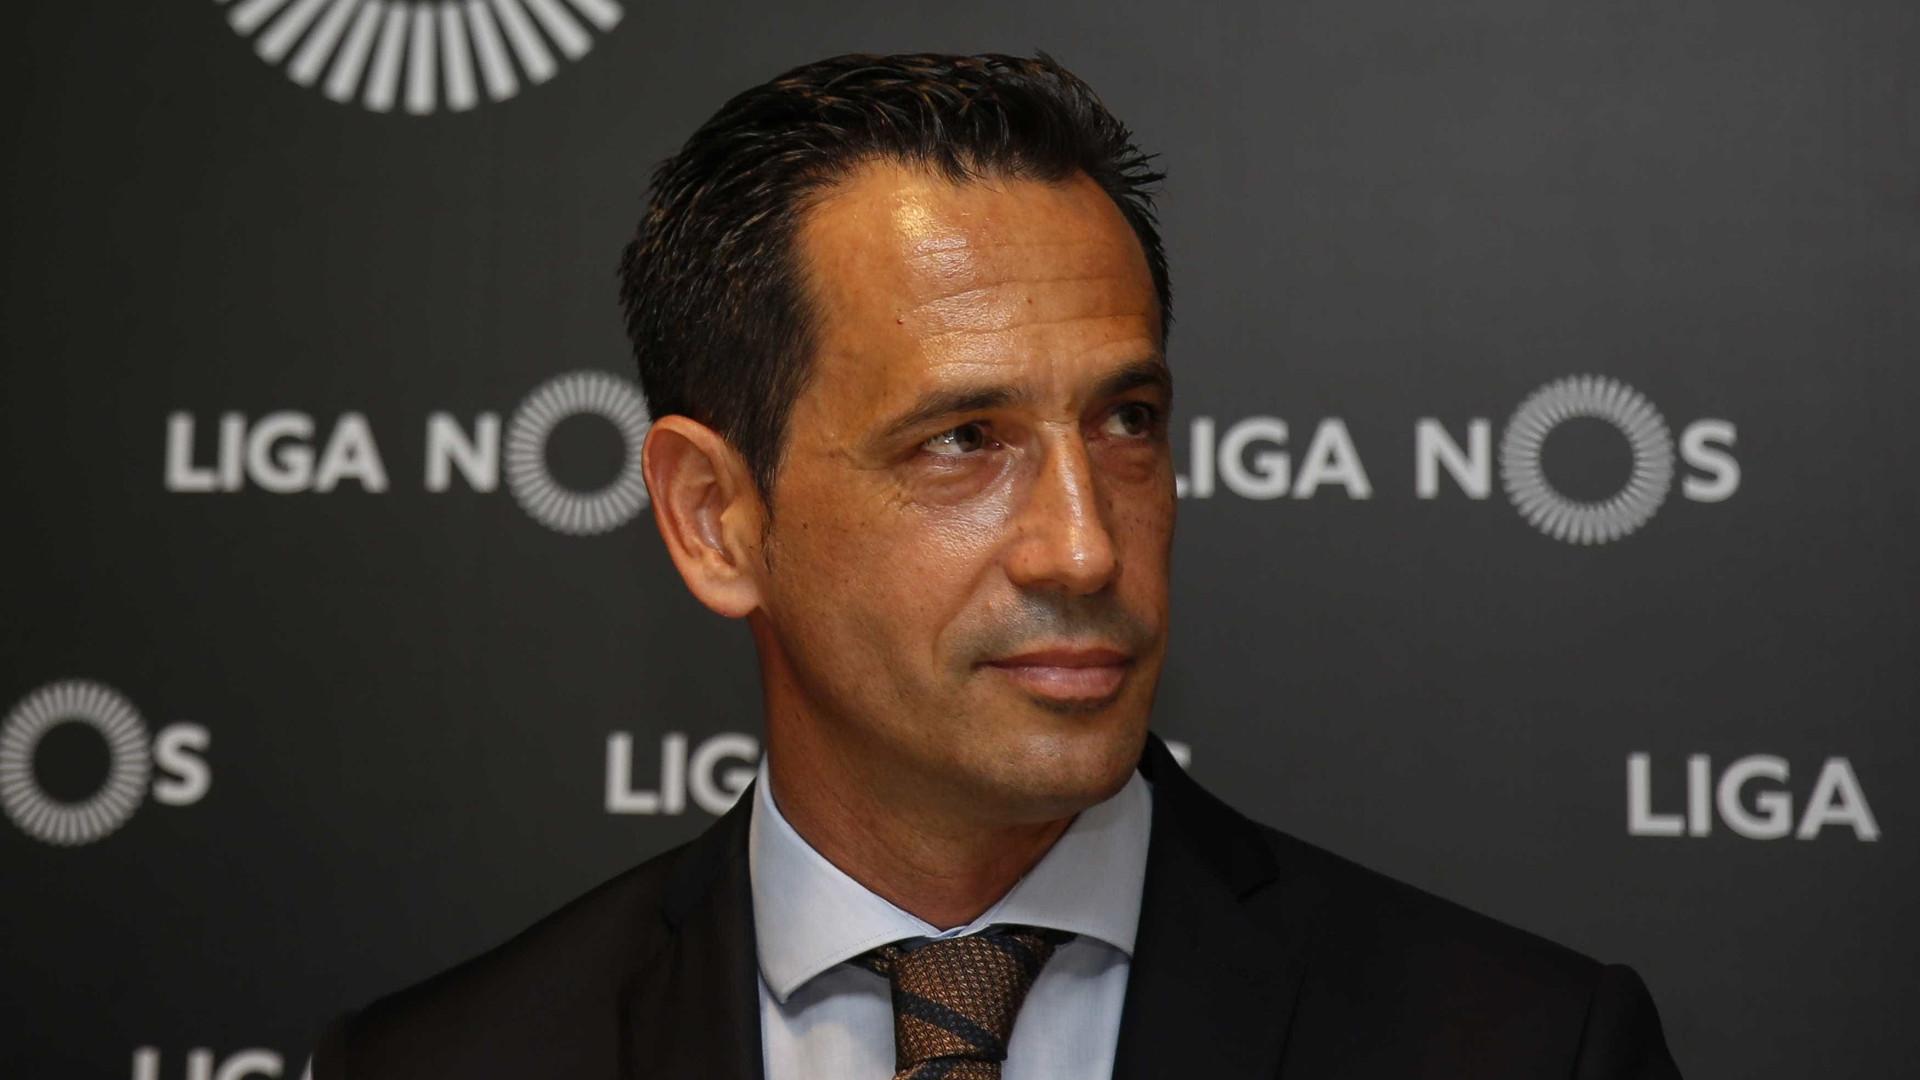 Afinal, Pedro Proença nunca quis sair da Liga de clubes